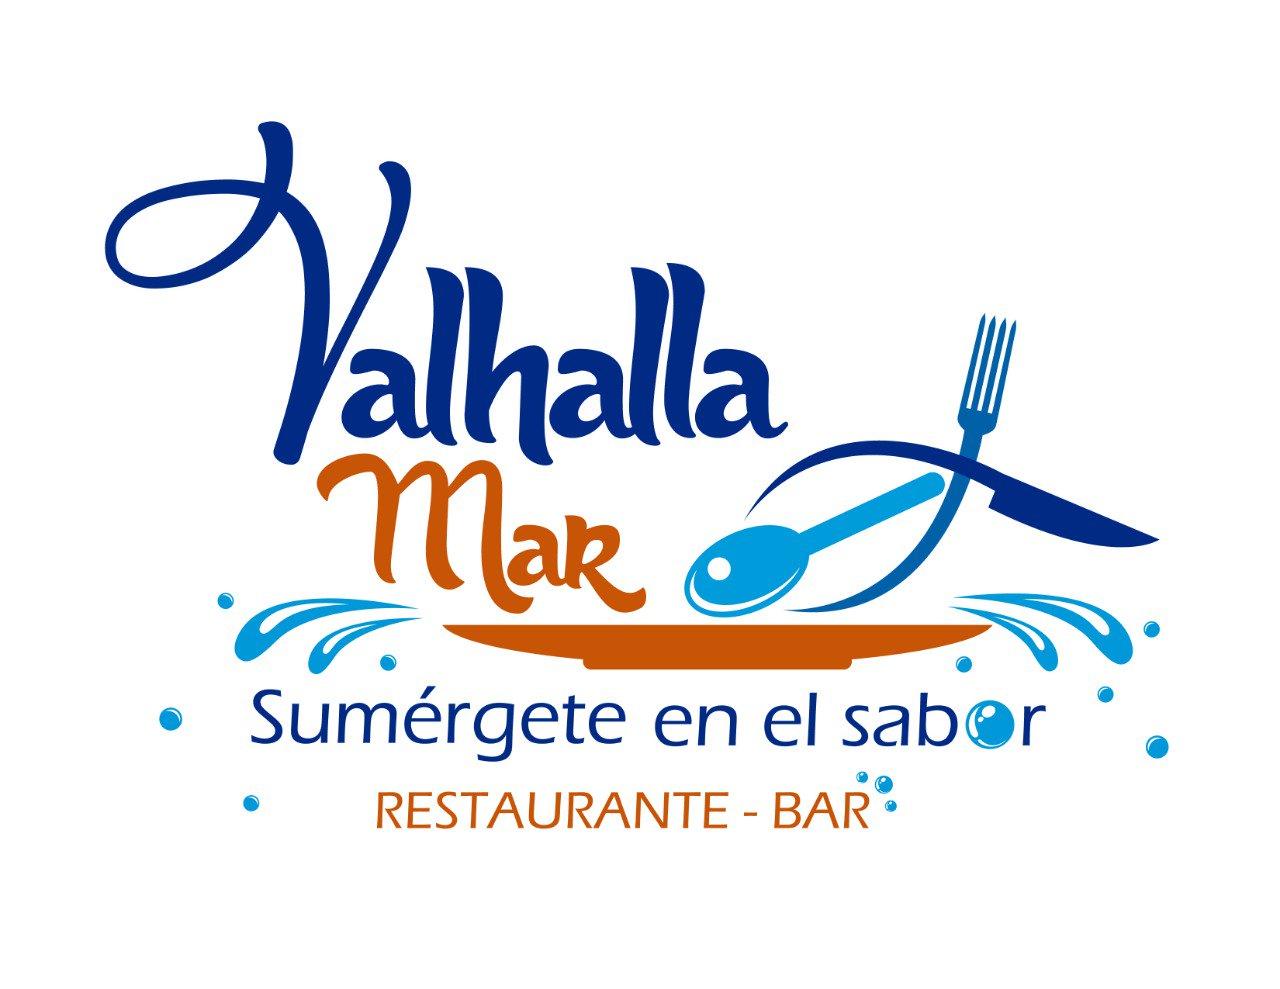 Valhalla Mar